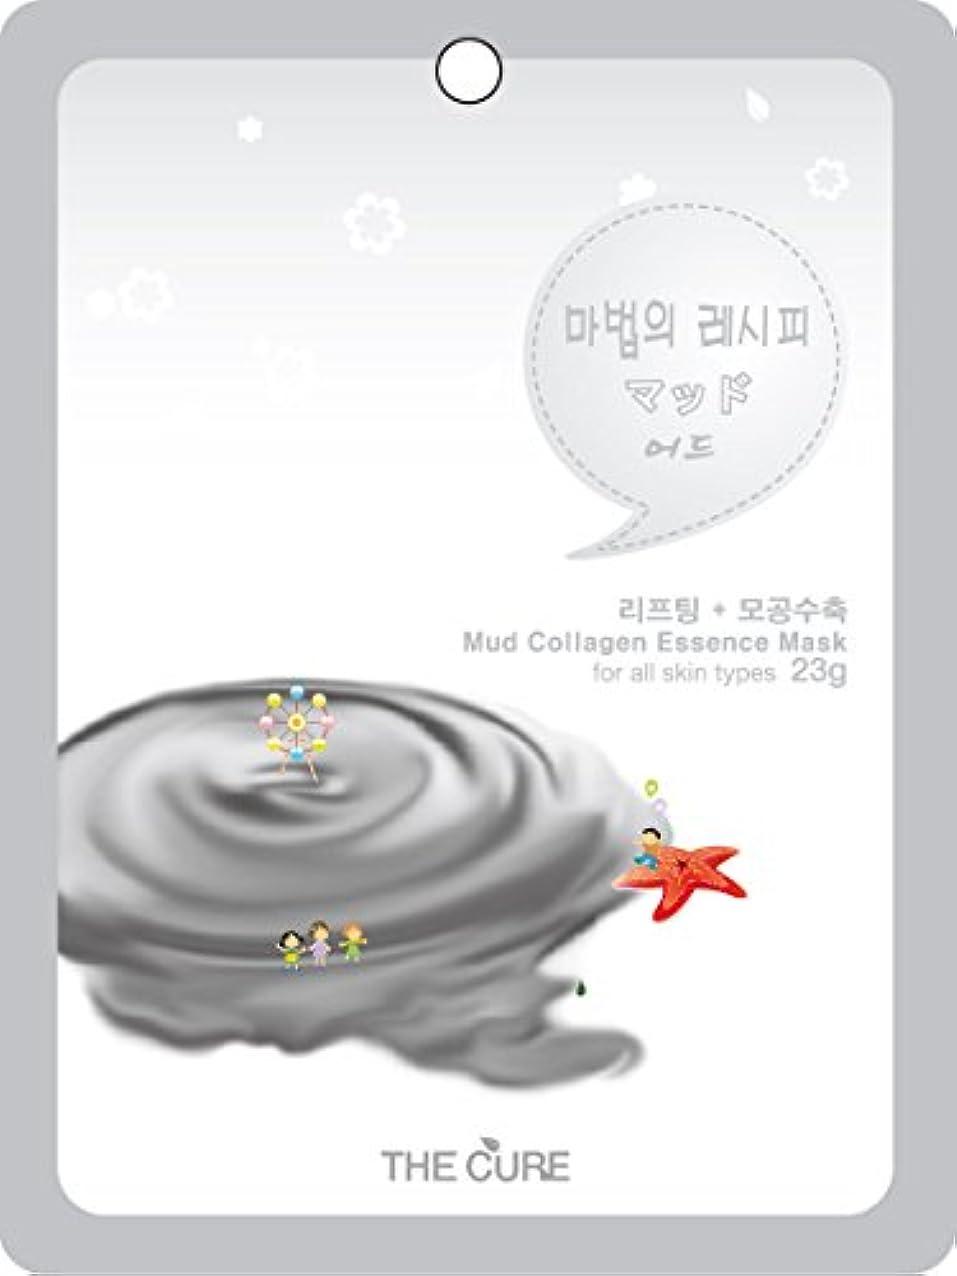 マイナー伝える風味マッド コラーゲン エッセンス マスク THE CURE シート パック 100枚セット 韓国 コスメ 乾燥肌 オイリー肌 混合肌